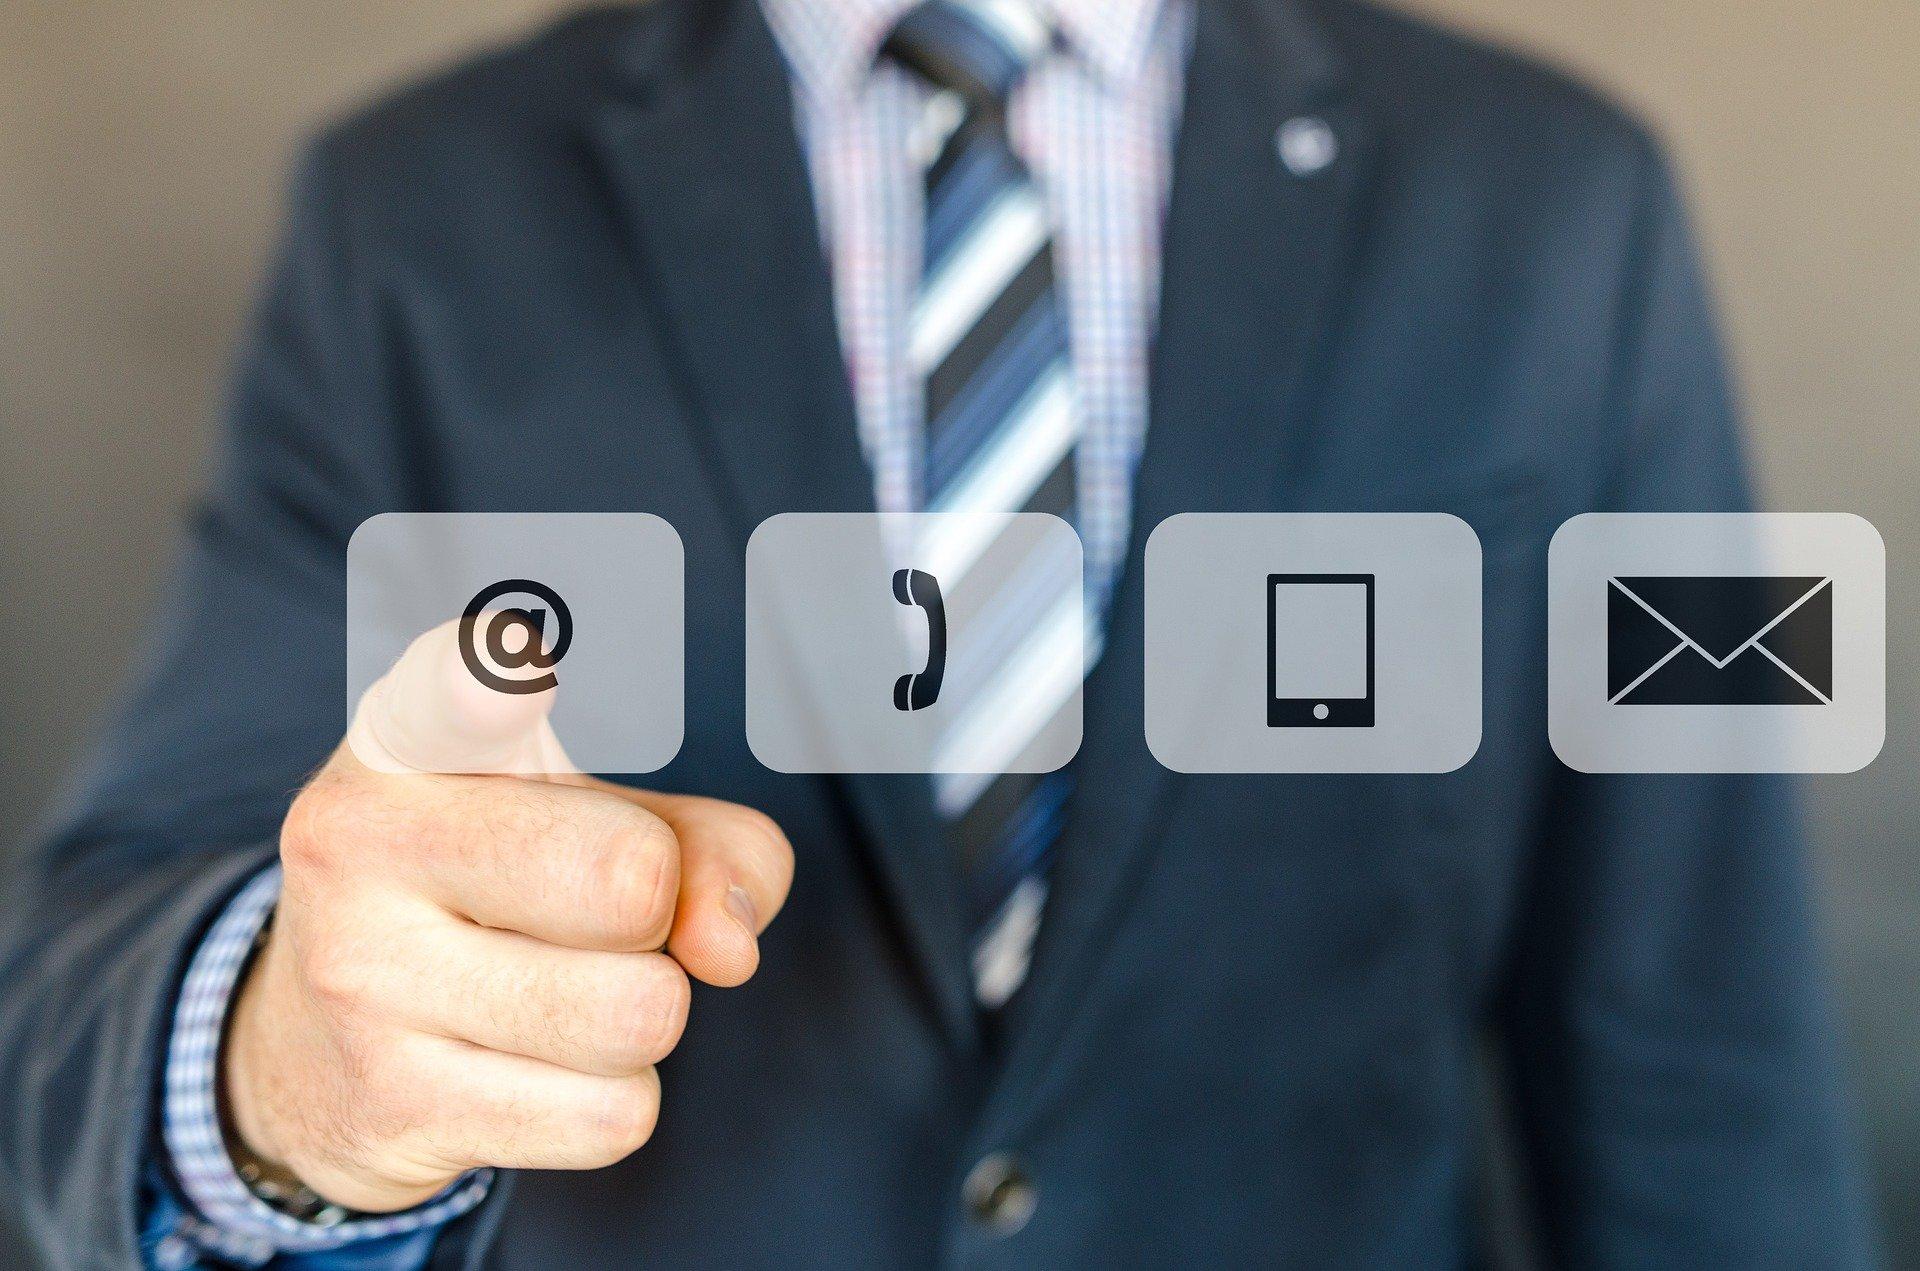 contactar, envío, email, teléfono, tablet